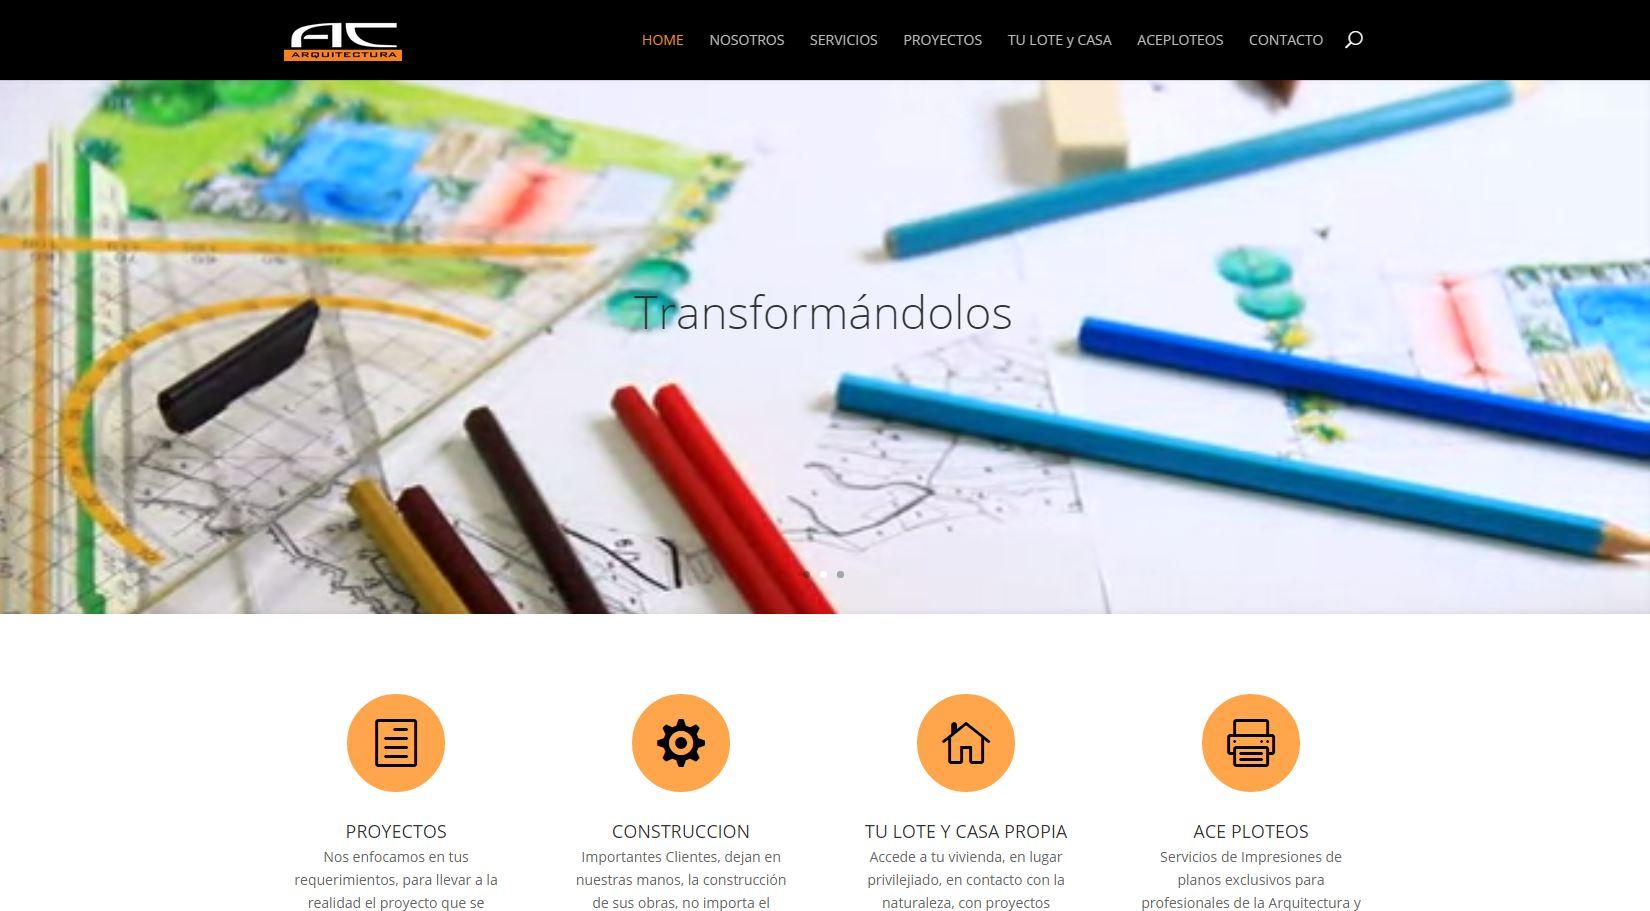 Sitio web estudio arquitectura acarquitecto aloclick for Arquitectura pagina web